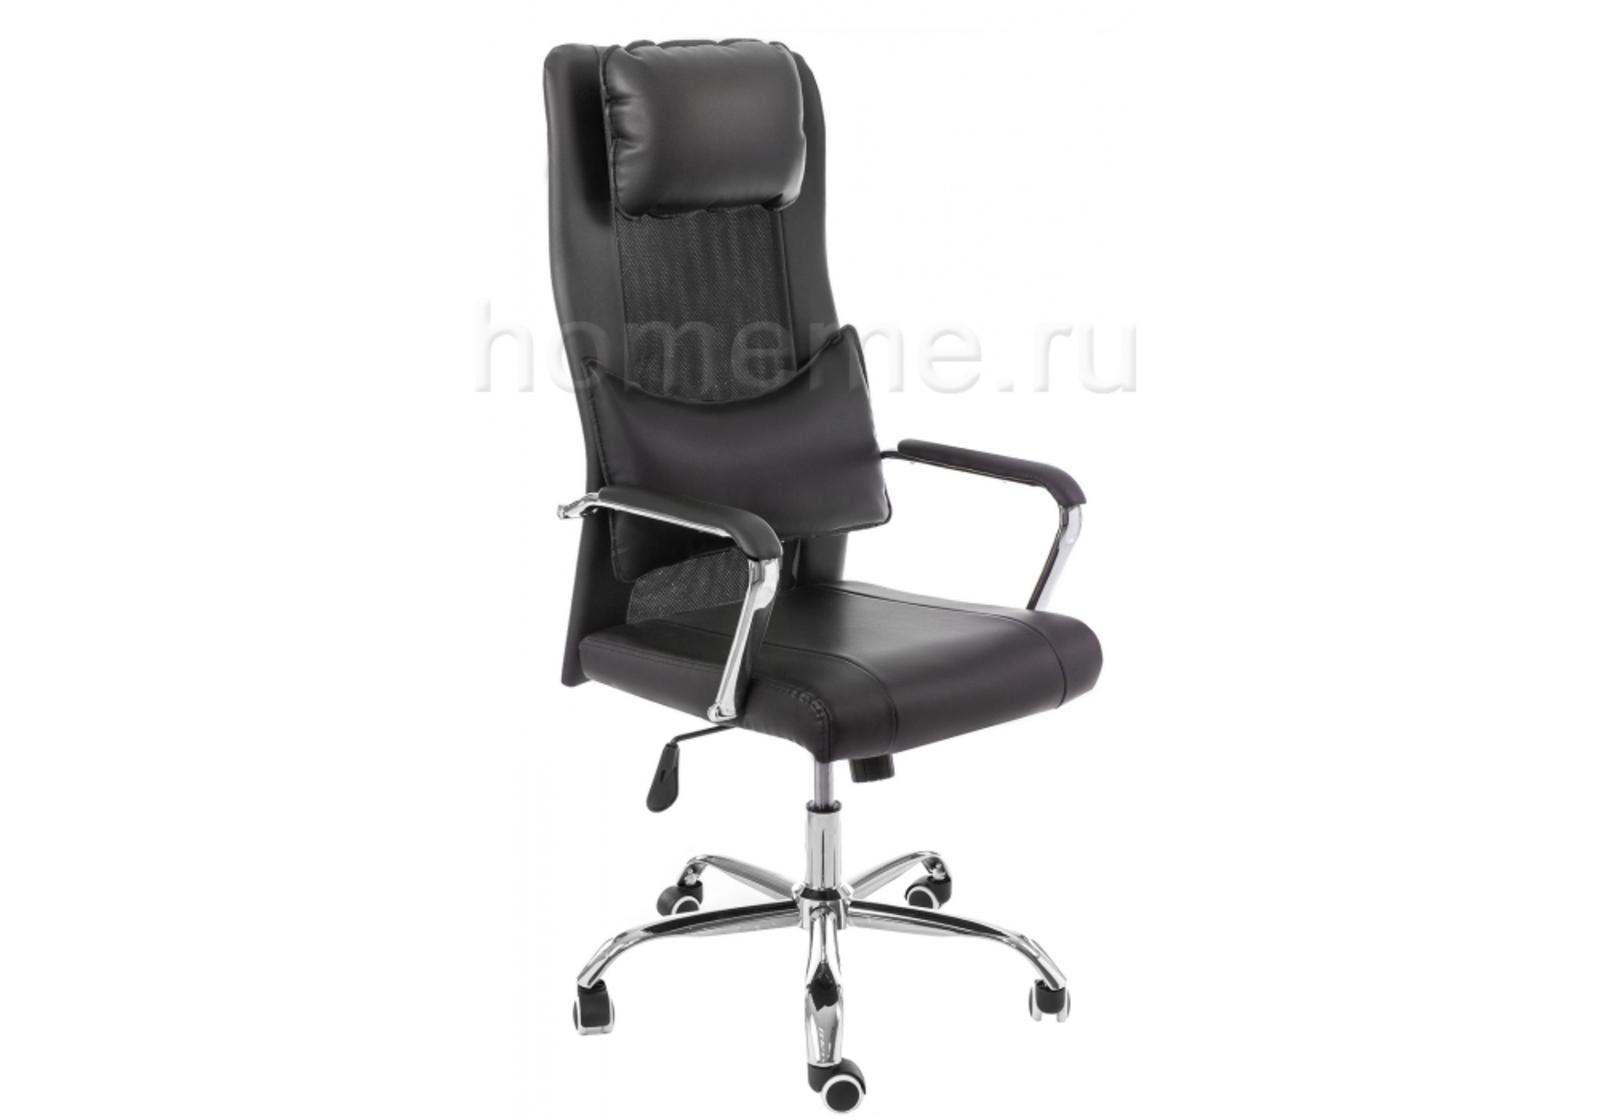 Кресло для офиса HomeMe Компьютерное кресло Unic black 11052 от Homeme.ru